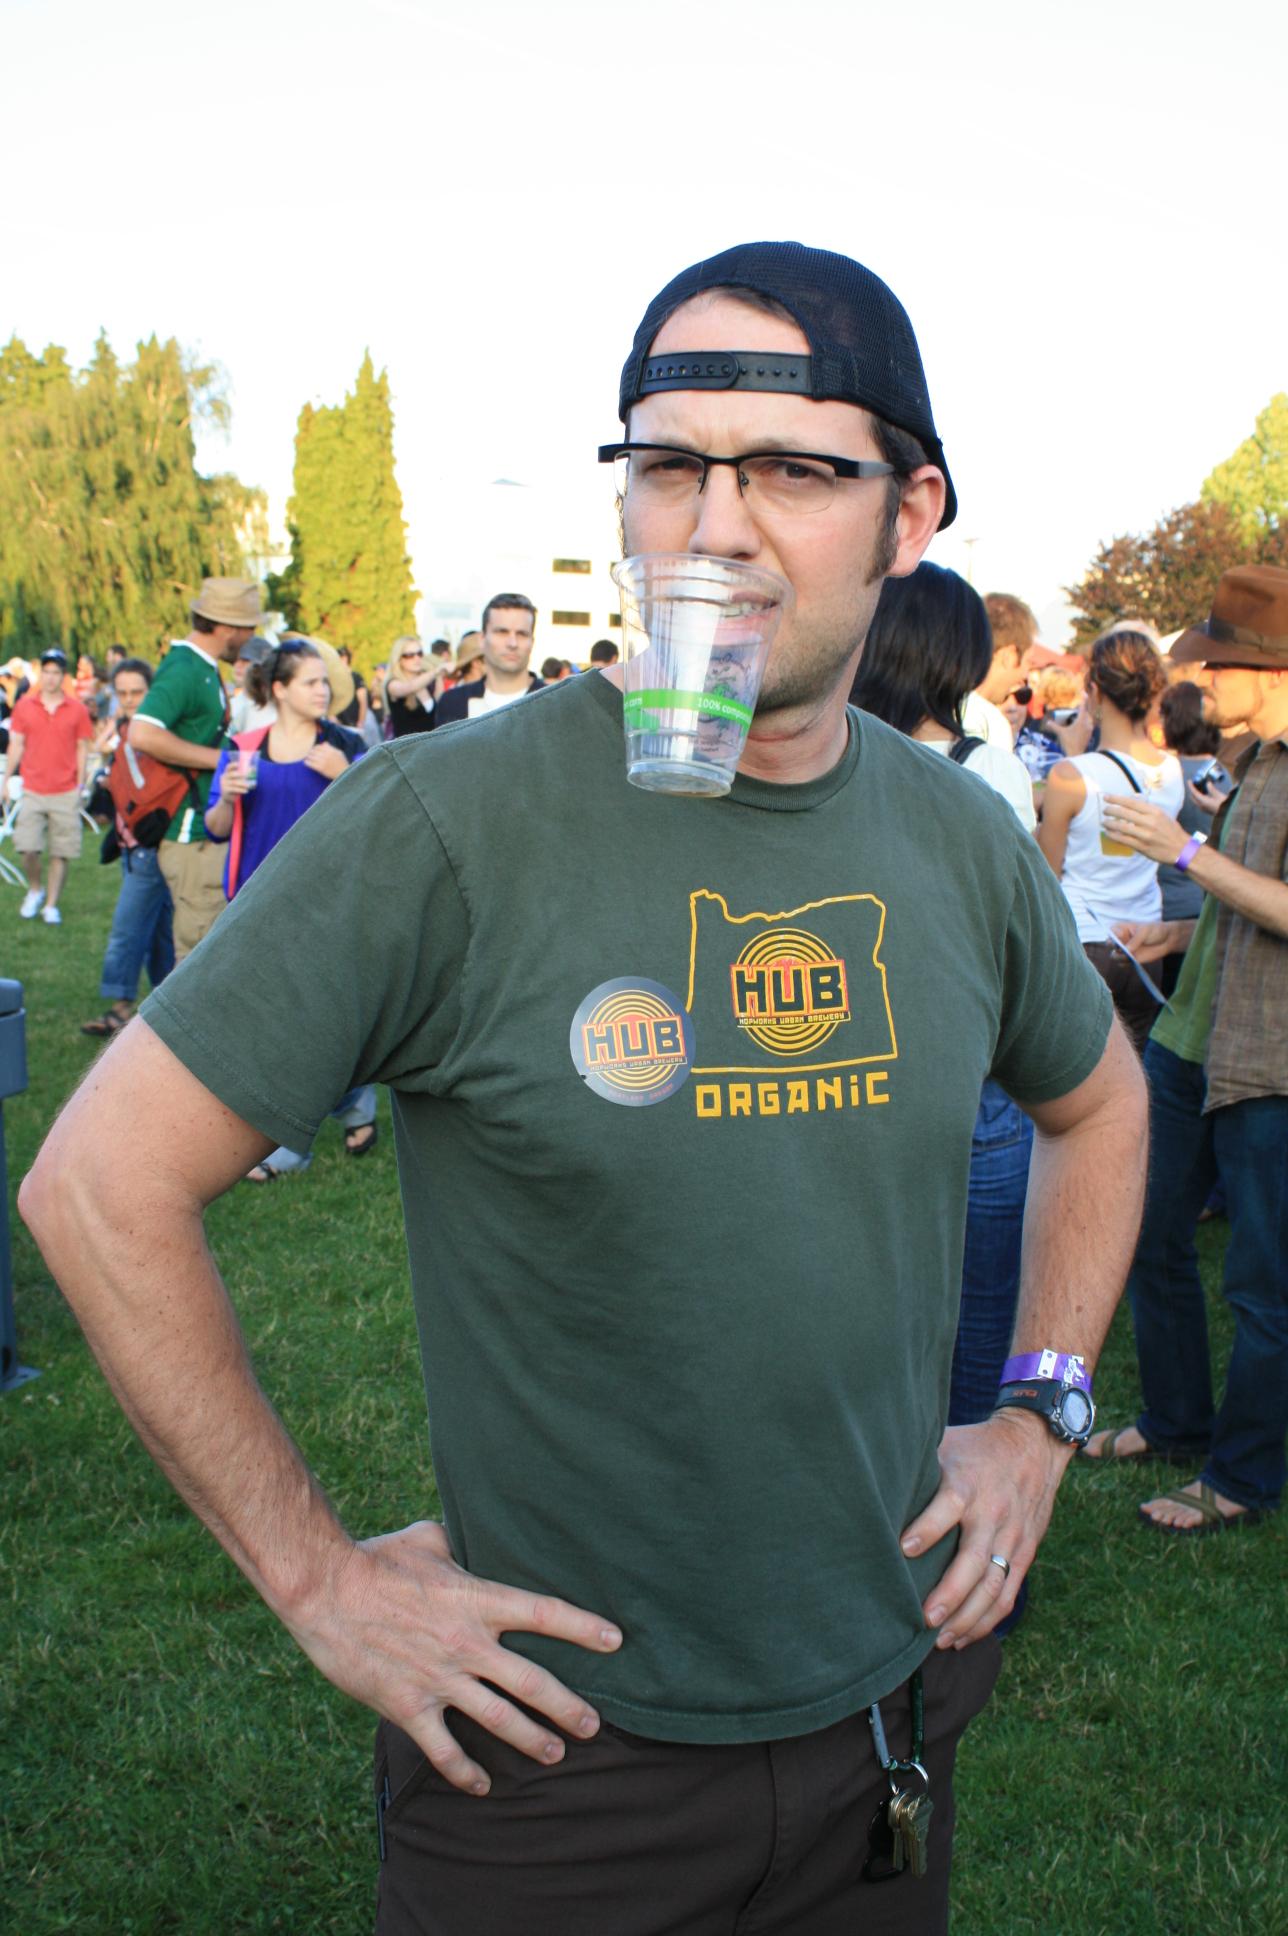 Hopworks founder/brewer Christian Ettinger